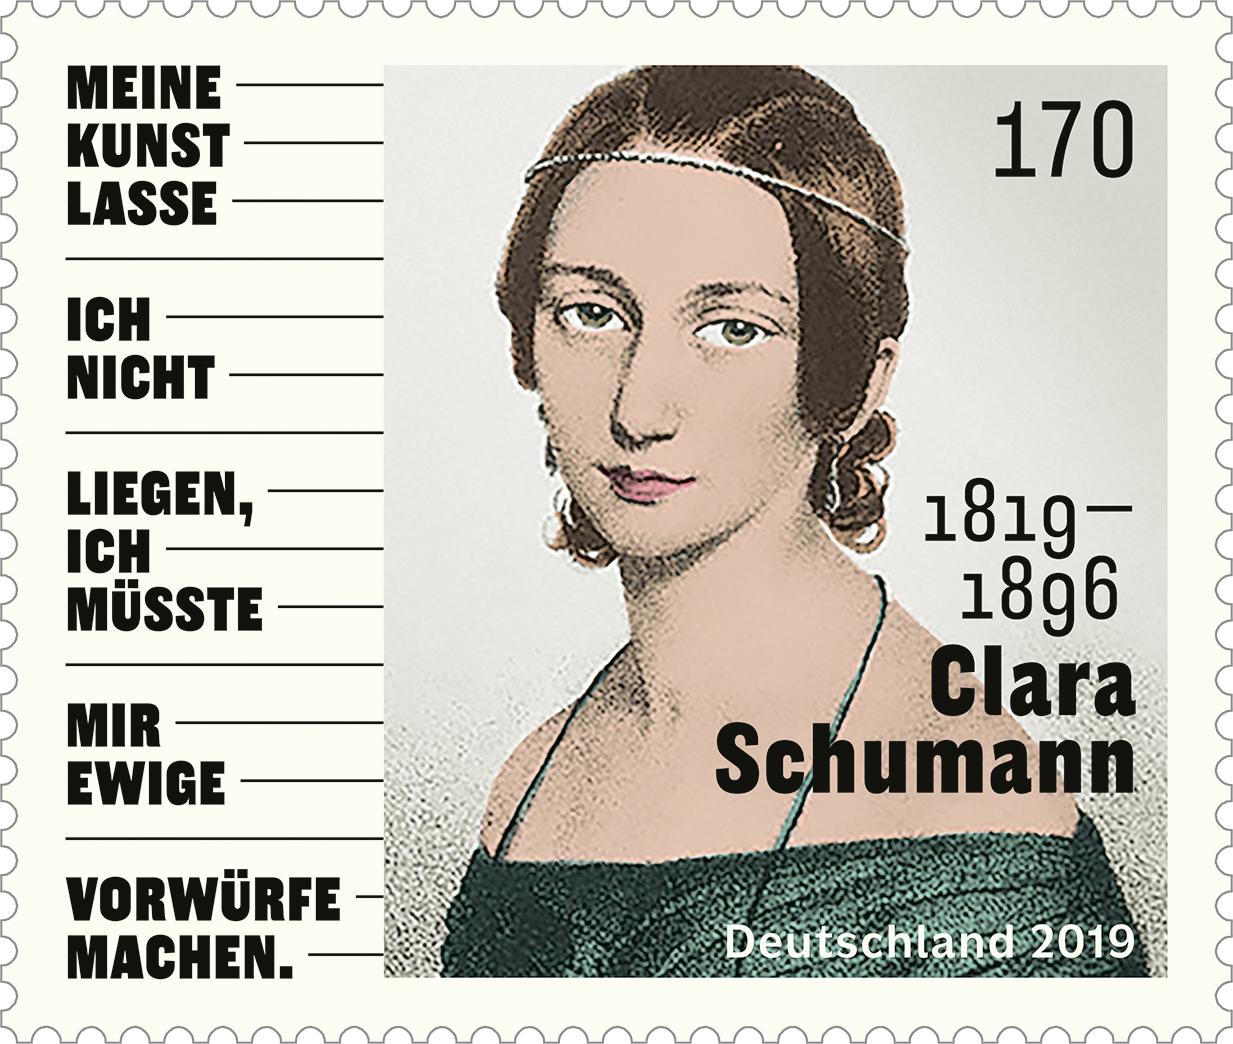 https://www.borek.de/briefmarke-clara-schumann-3